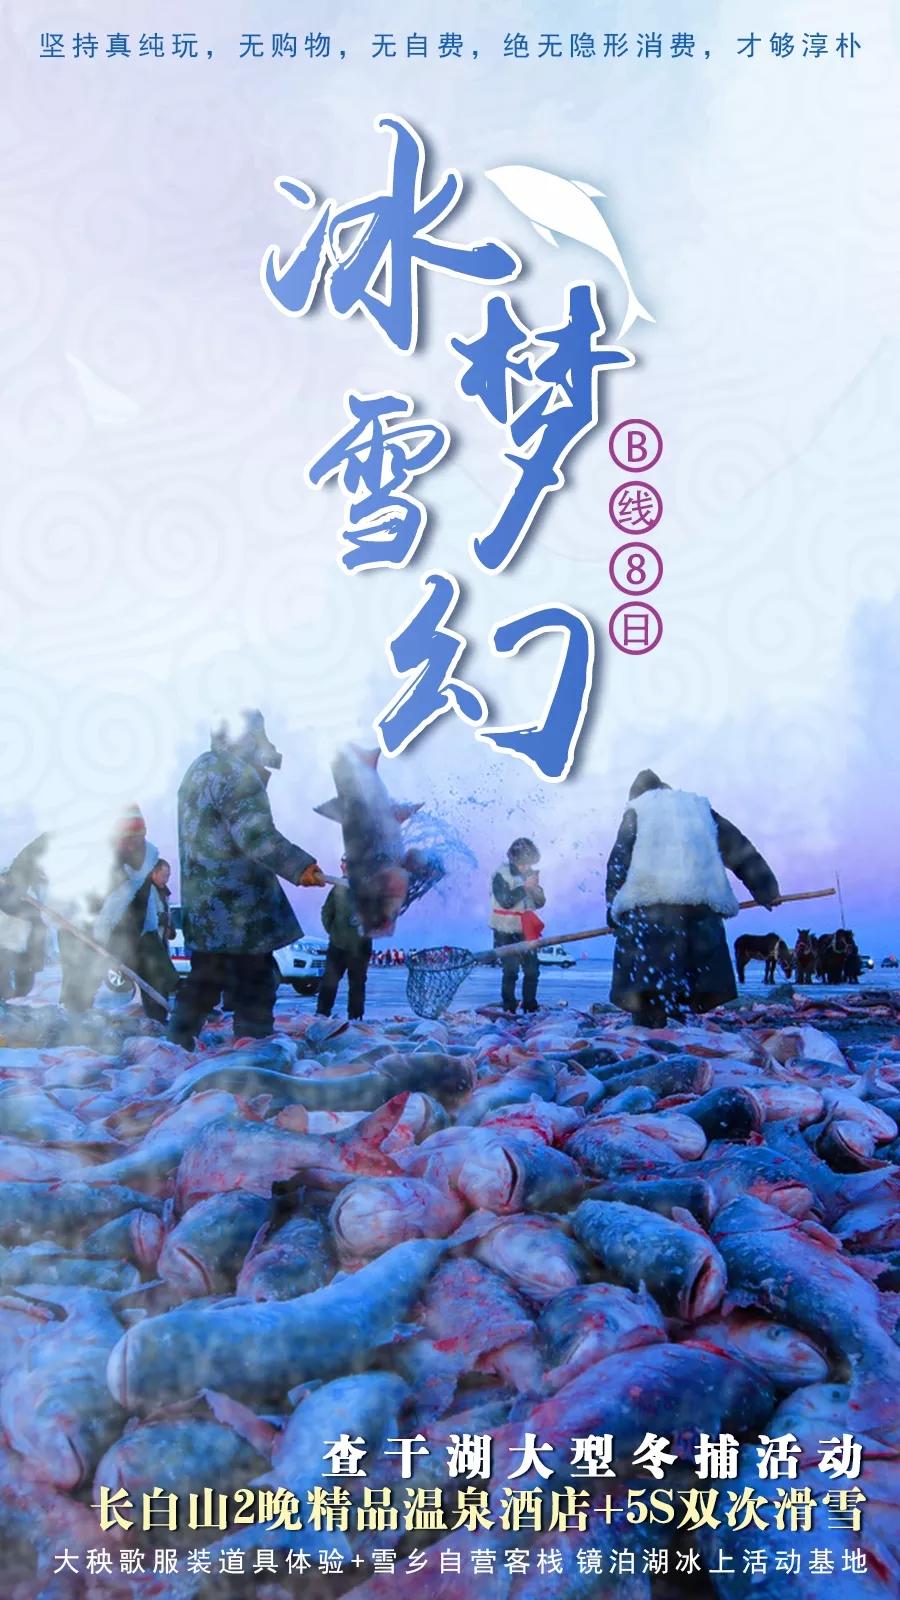 【冰雪梦幻B线8日】哈尔滨-亚布力/万科双滑雪-徒步林海雪原-雪乡-镜泊湖冬捕-长白山温泉-魔界-雾凇岛-查干湖冬捕